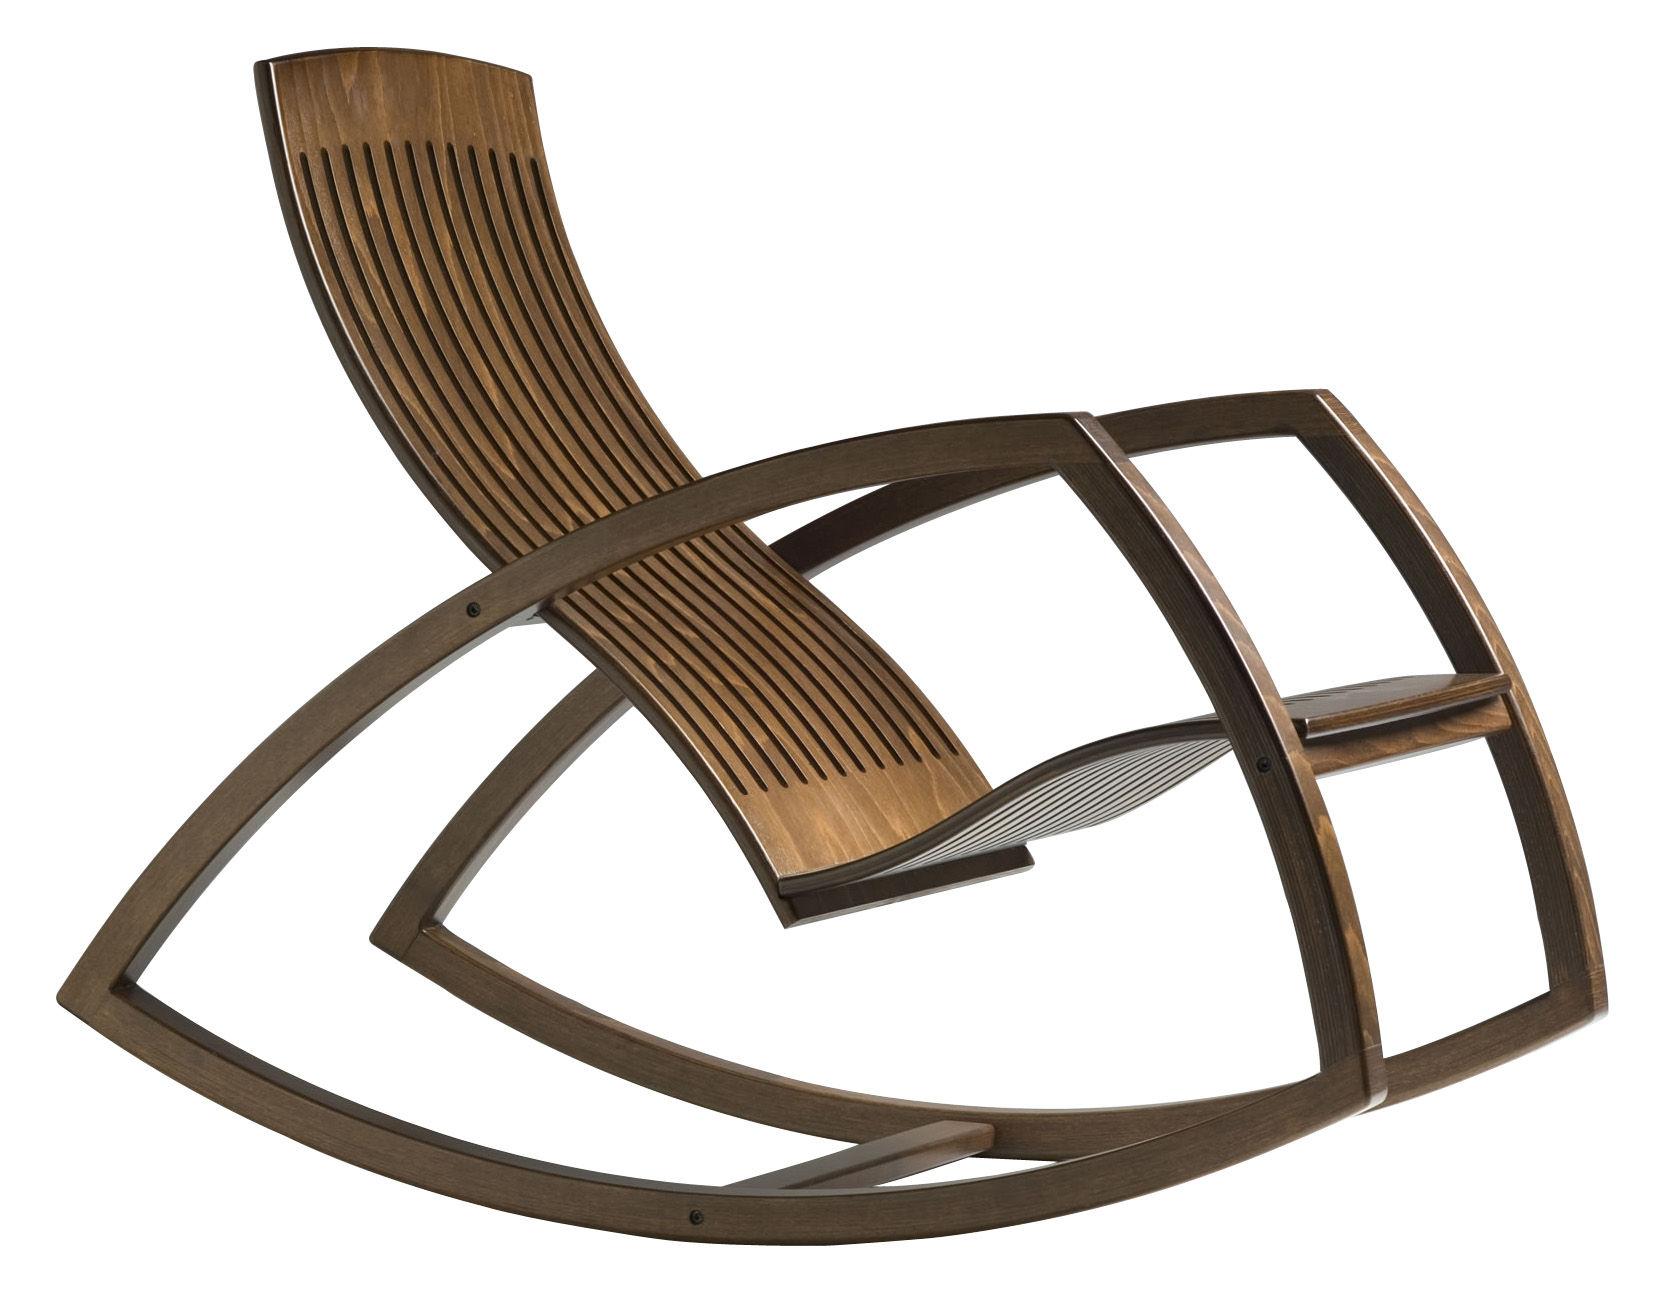 Möbel - Lounge Sessel - Gaivota Schaukelstuhl - Objekto - Buche getönt (nussbaumfarben) - Buchenfurnier